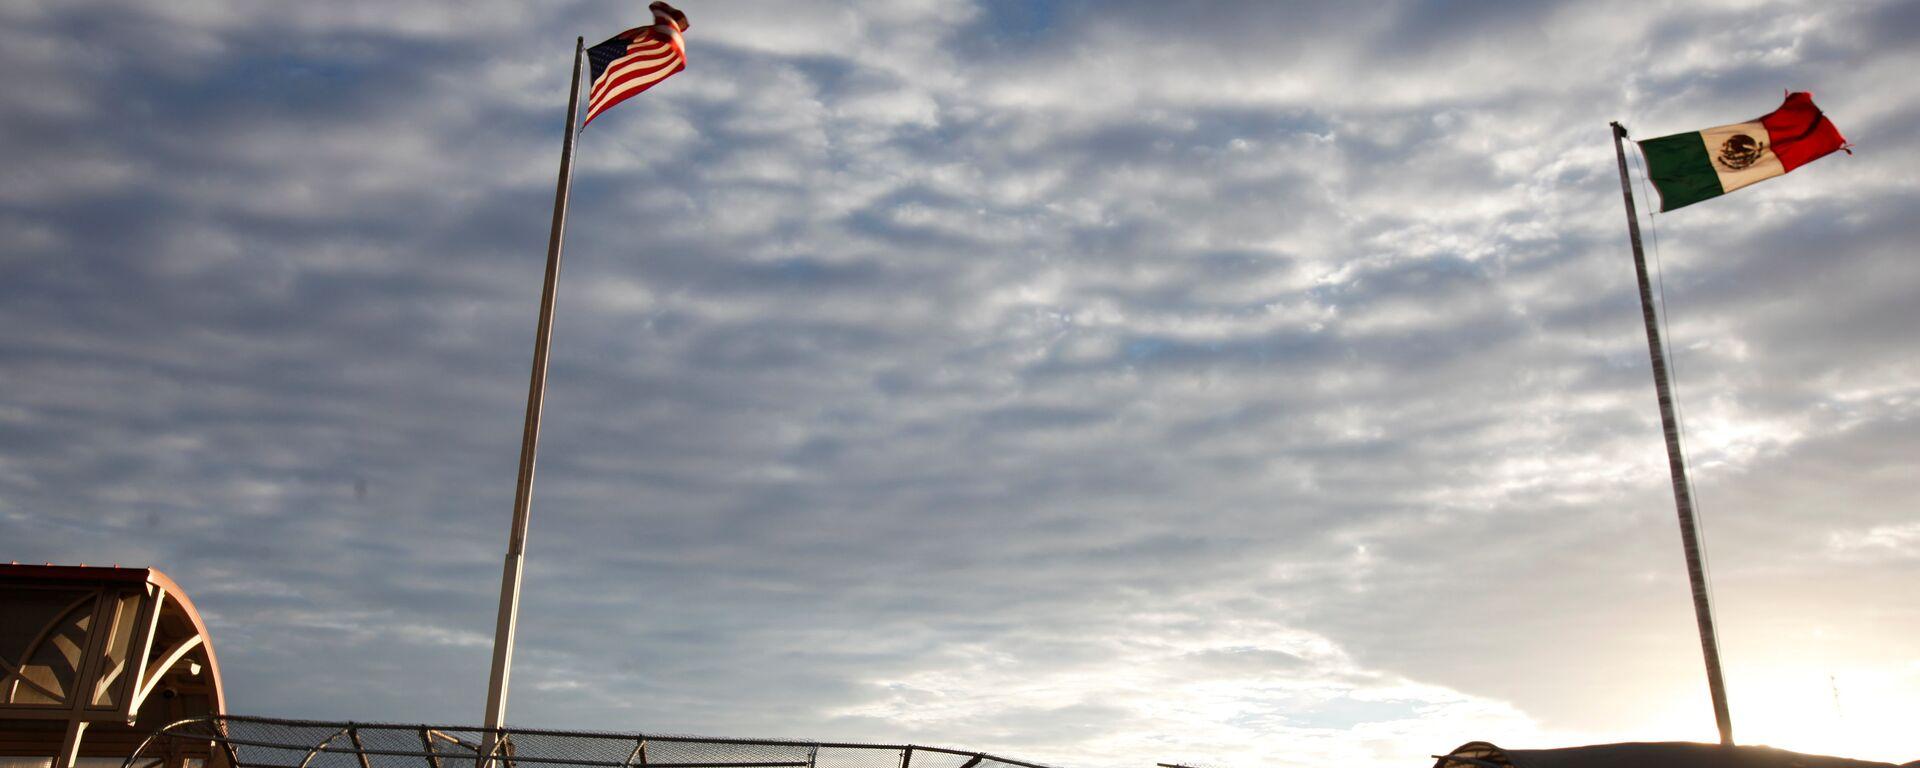 Banderas de EEUU y México en la frontera entre los dos países - Sputnik Mundo, 1920, 23.03.2021